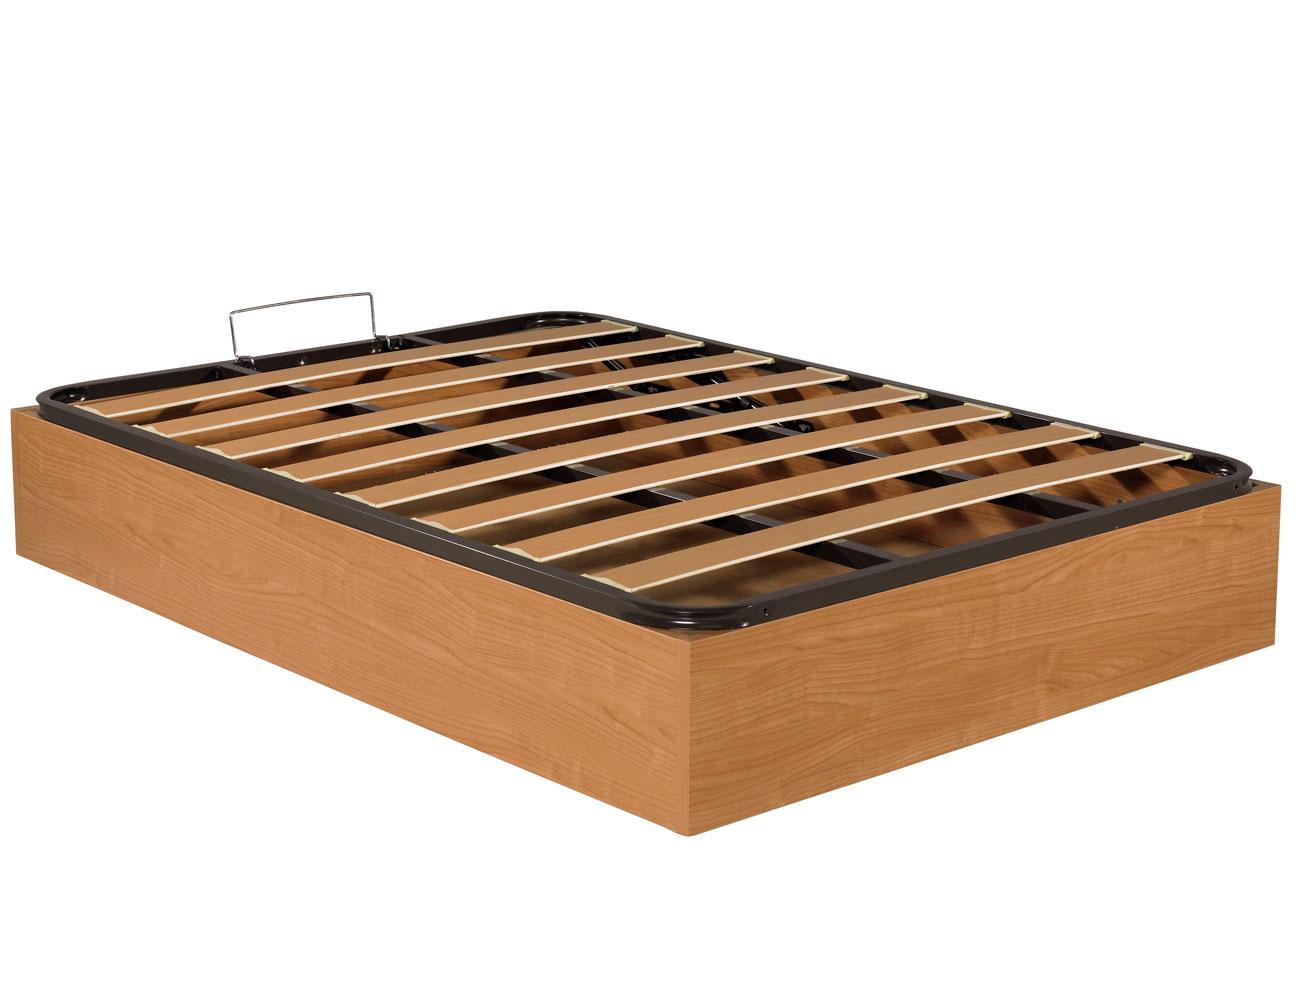 Canape madera somier basic nogal cerrado4